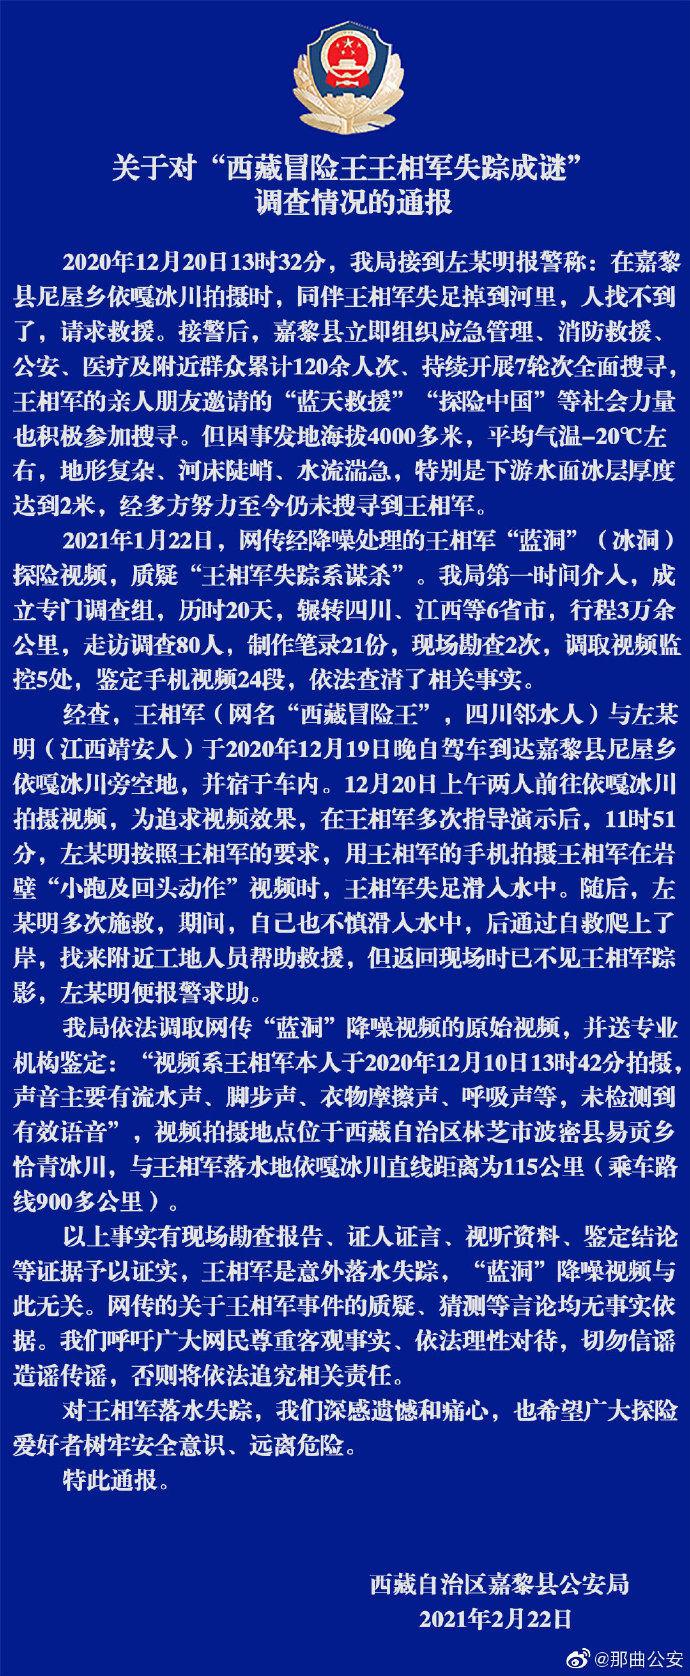 """速看!警方通报""""西藏冒险王失踪""""调查情况:为意外落水失踪"""